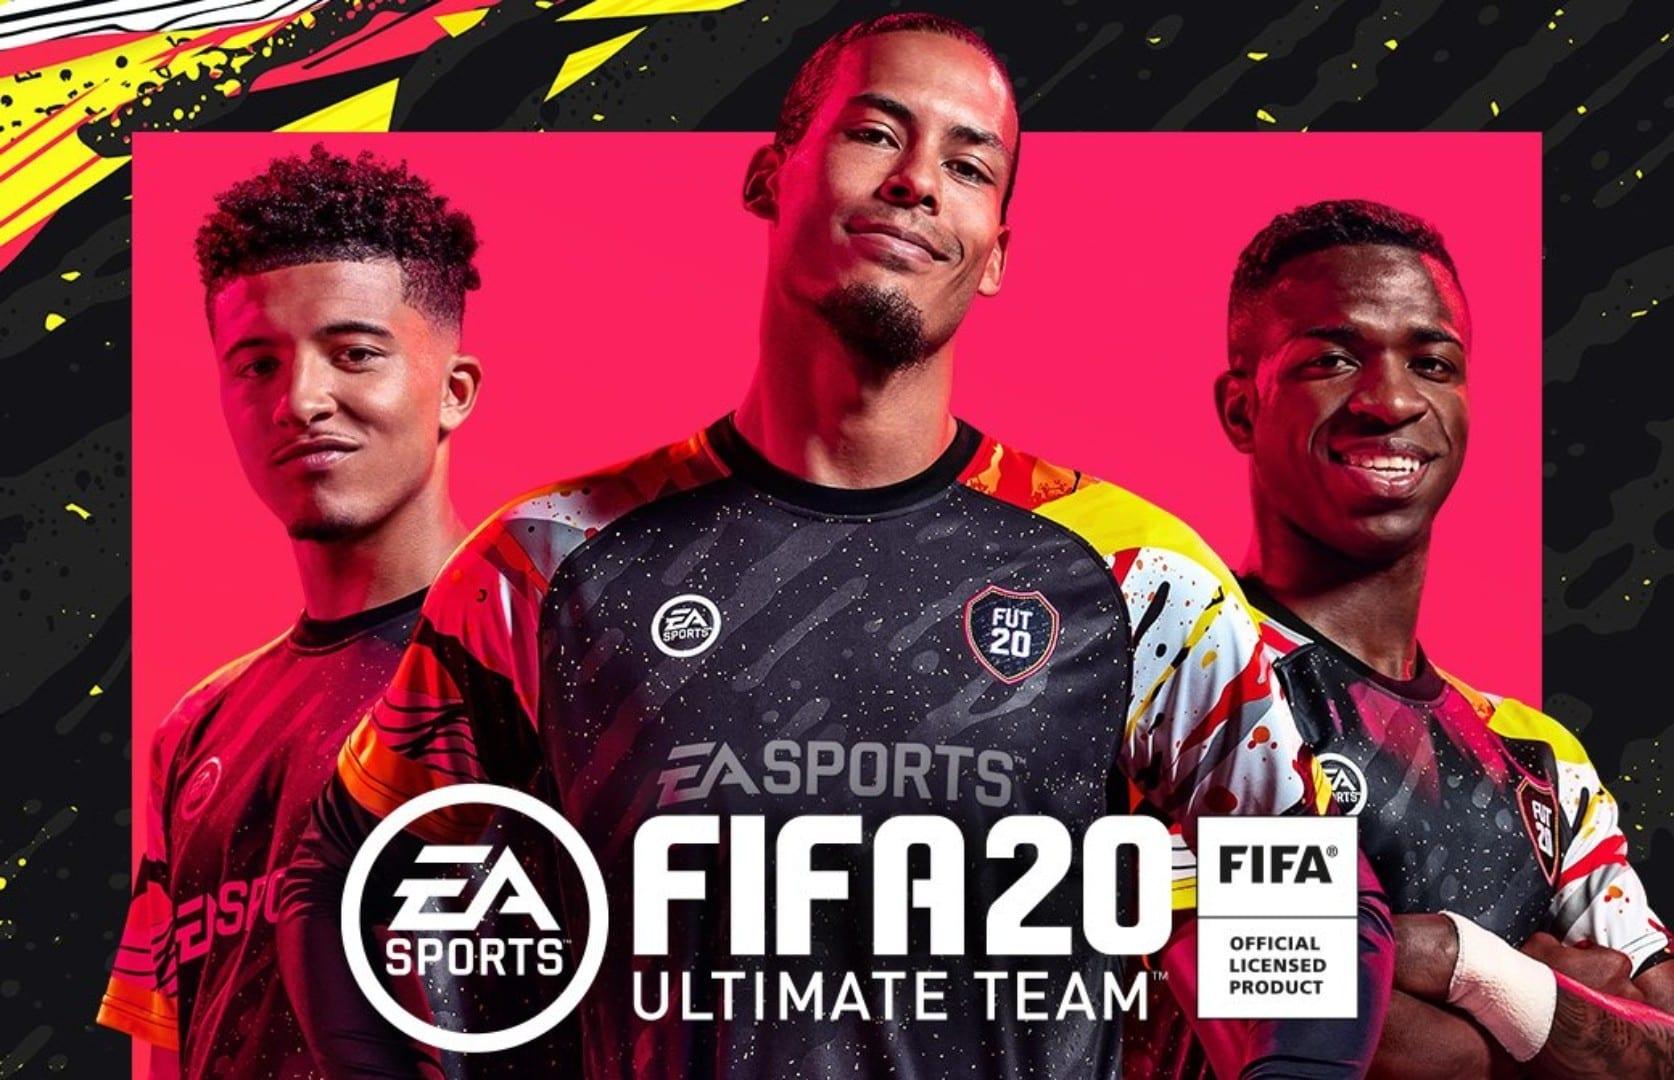 fifa 20, season one, objectives, rewards